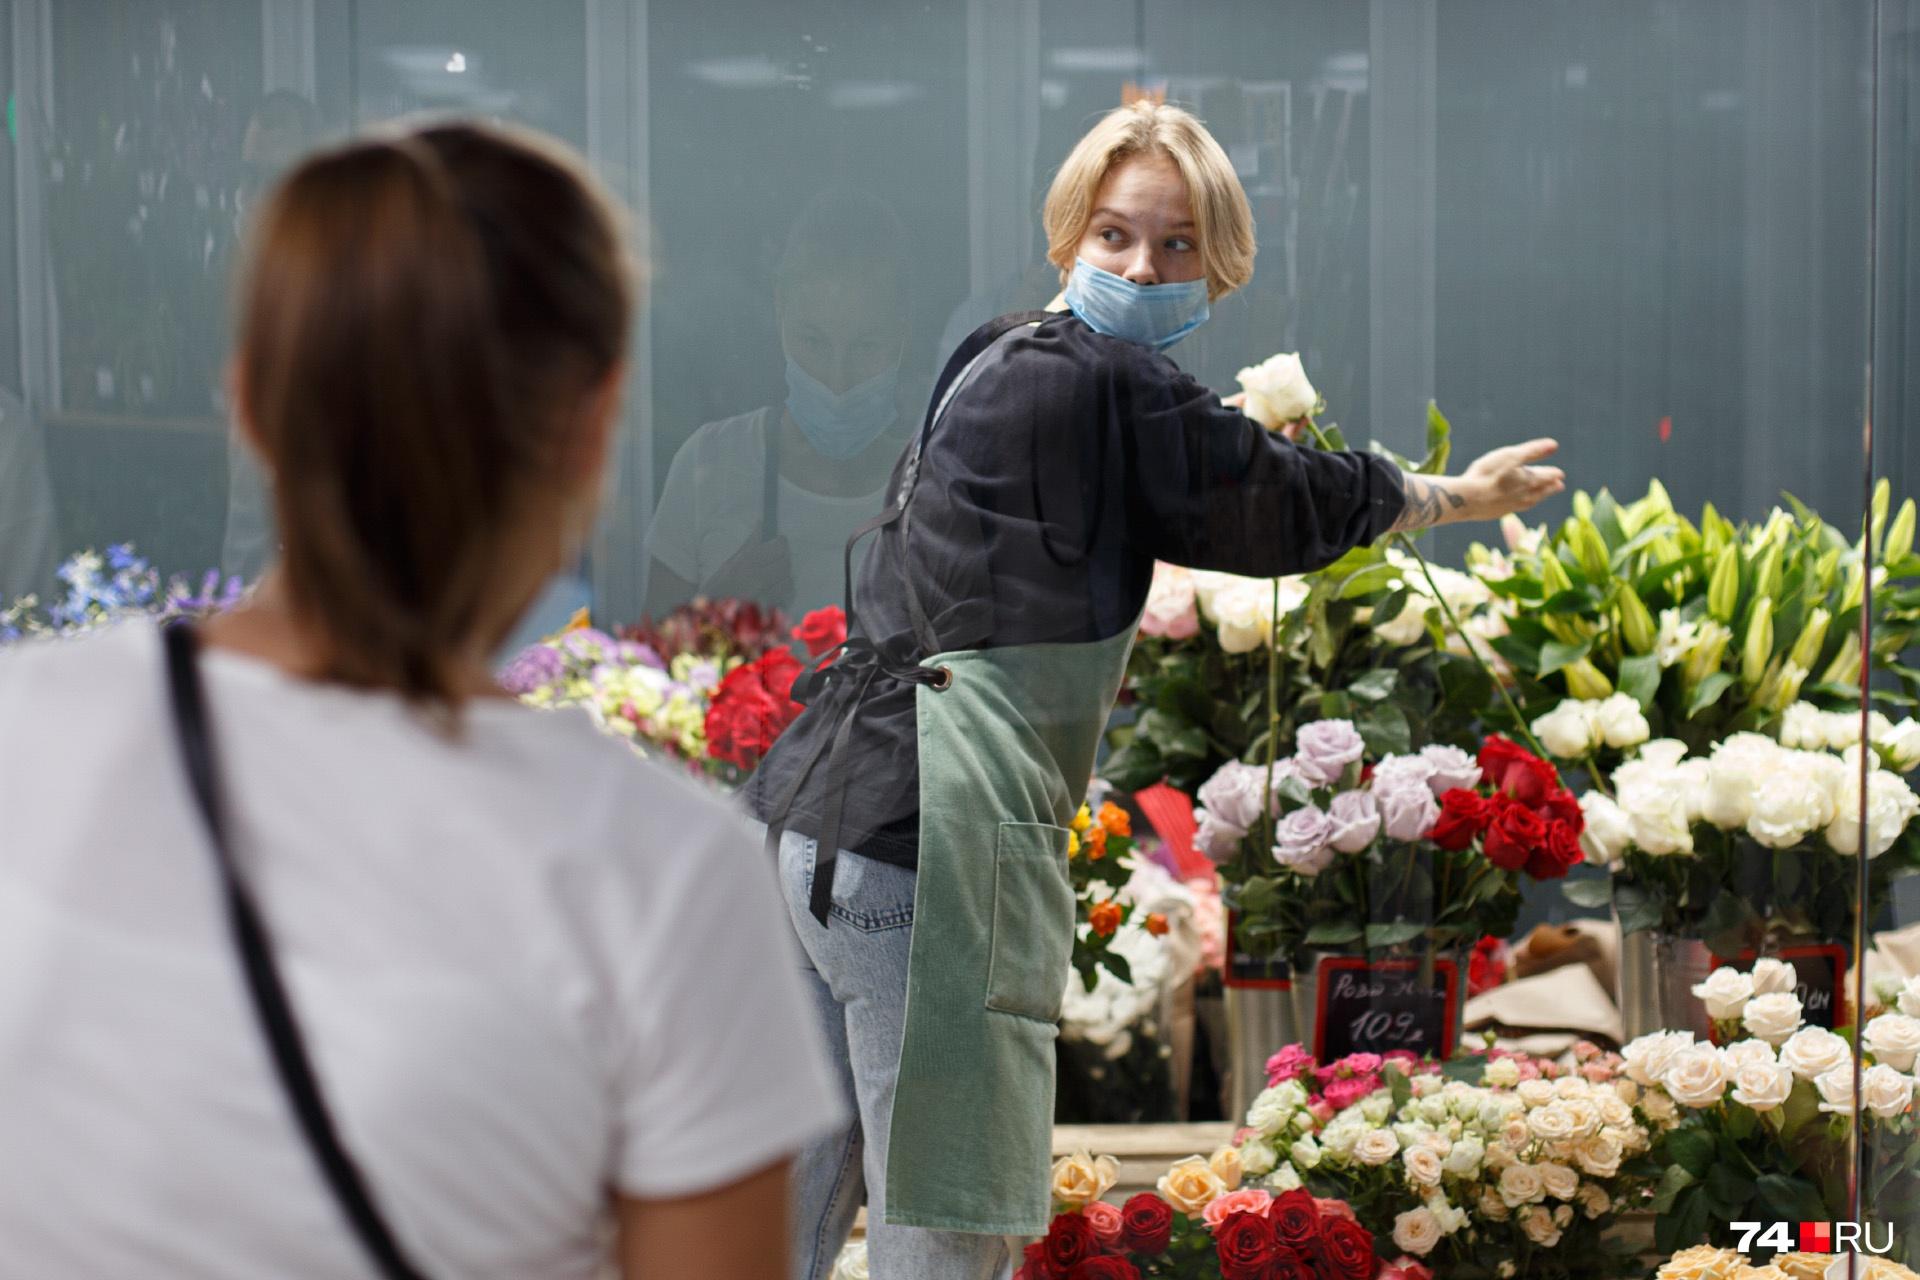 Несмотря на высокий спрос на букеты в этот день, флористы говорят, что ажиотаж на цветы к 1 Сентября в Челябинске постепенно спадает